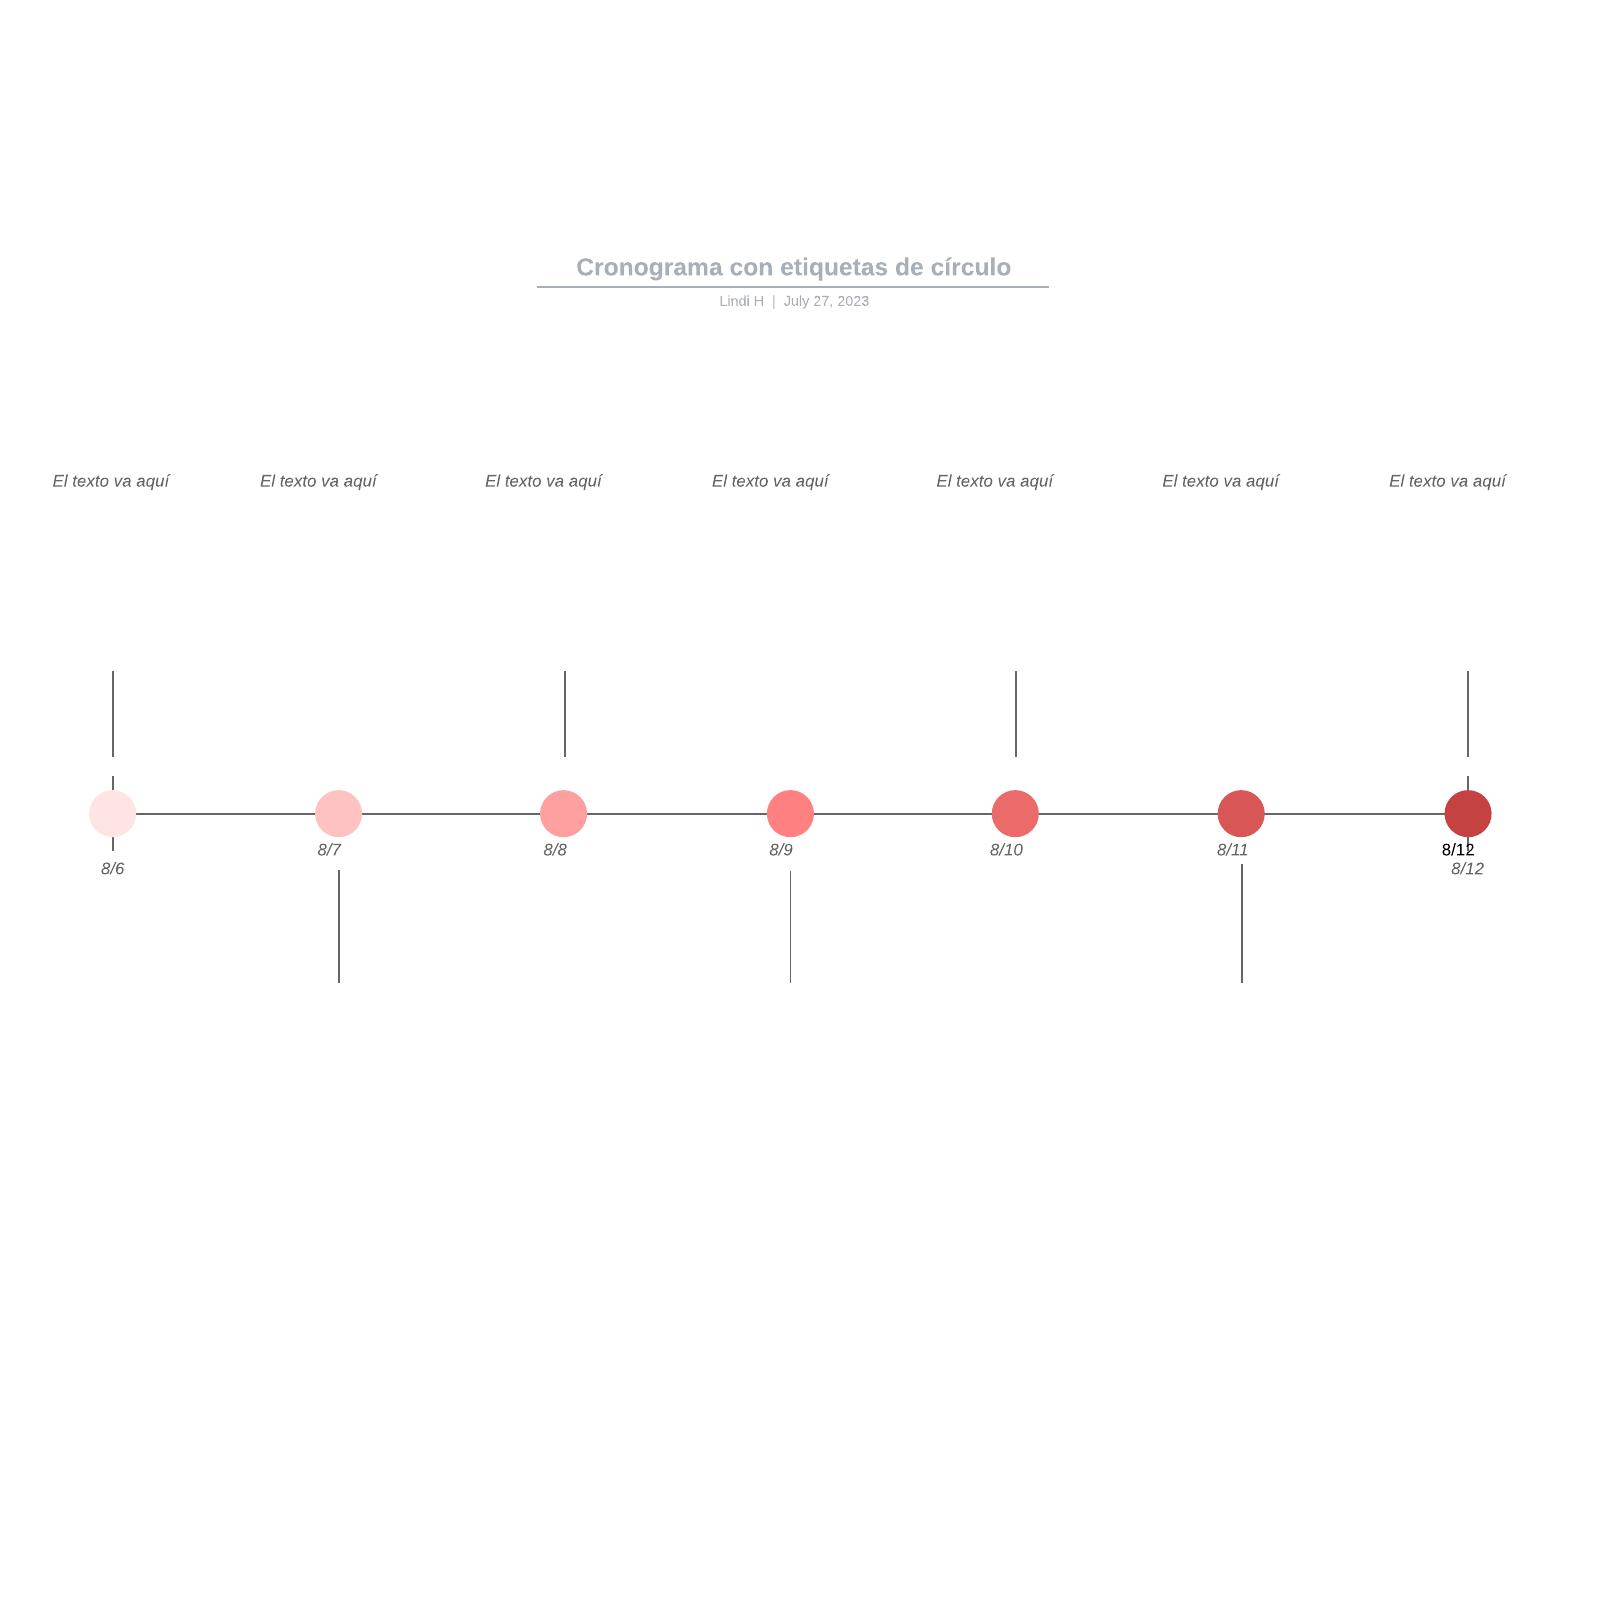 Cronograma con etiquetas de círculo